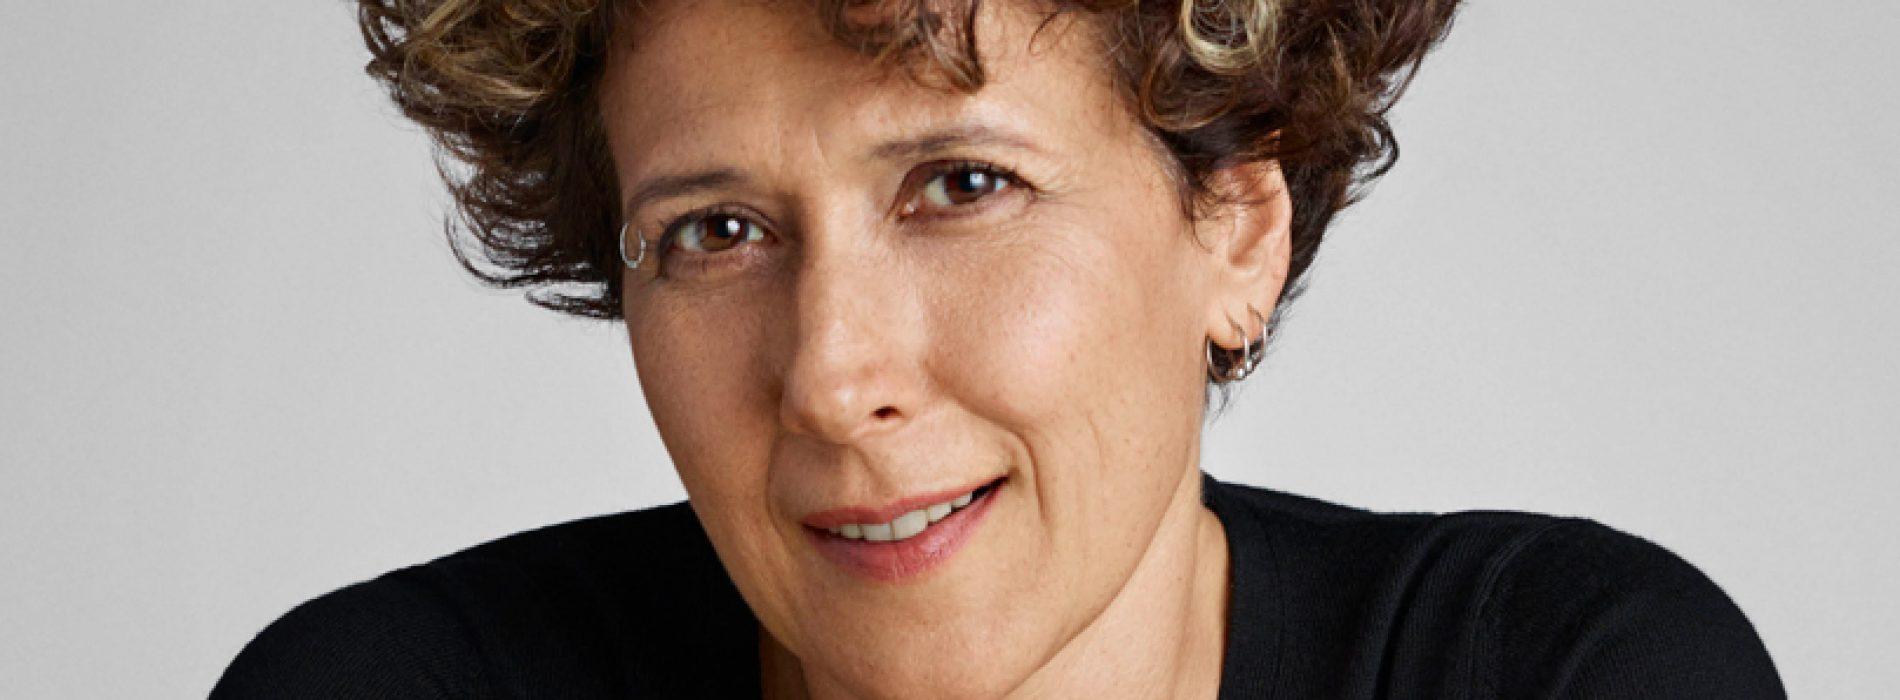 Andrea Gamarnik (charla PABMB), expositora confirmada XLI Reunión Anual de la Sociedad de Bioquímica y Biología Molecular de Chile, 25 al 28 de septiembre 2018, Iquique, Chile